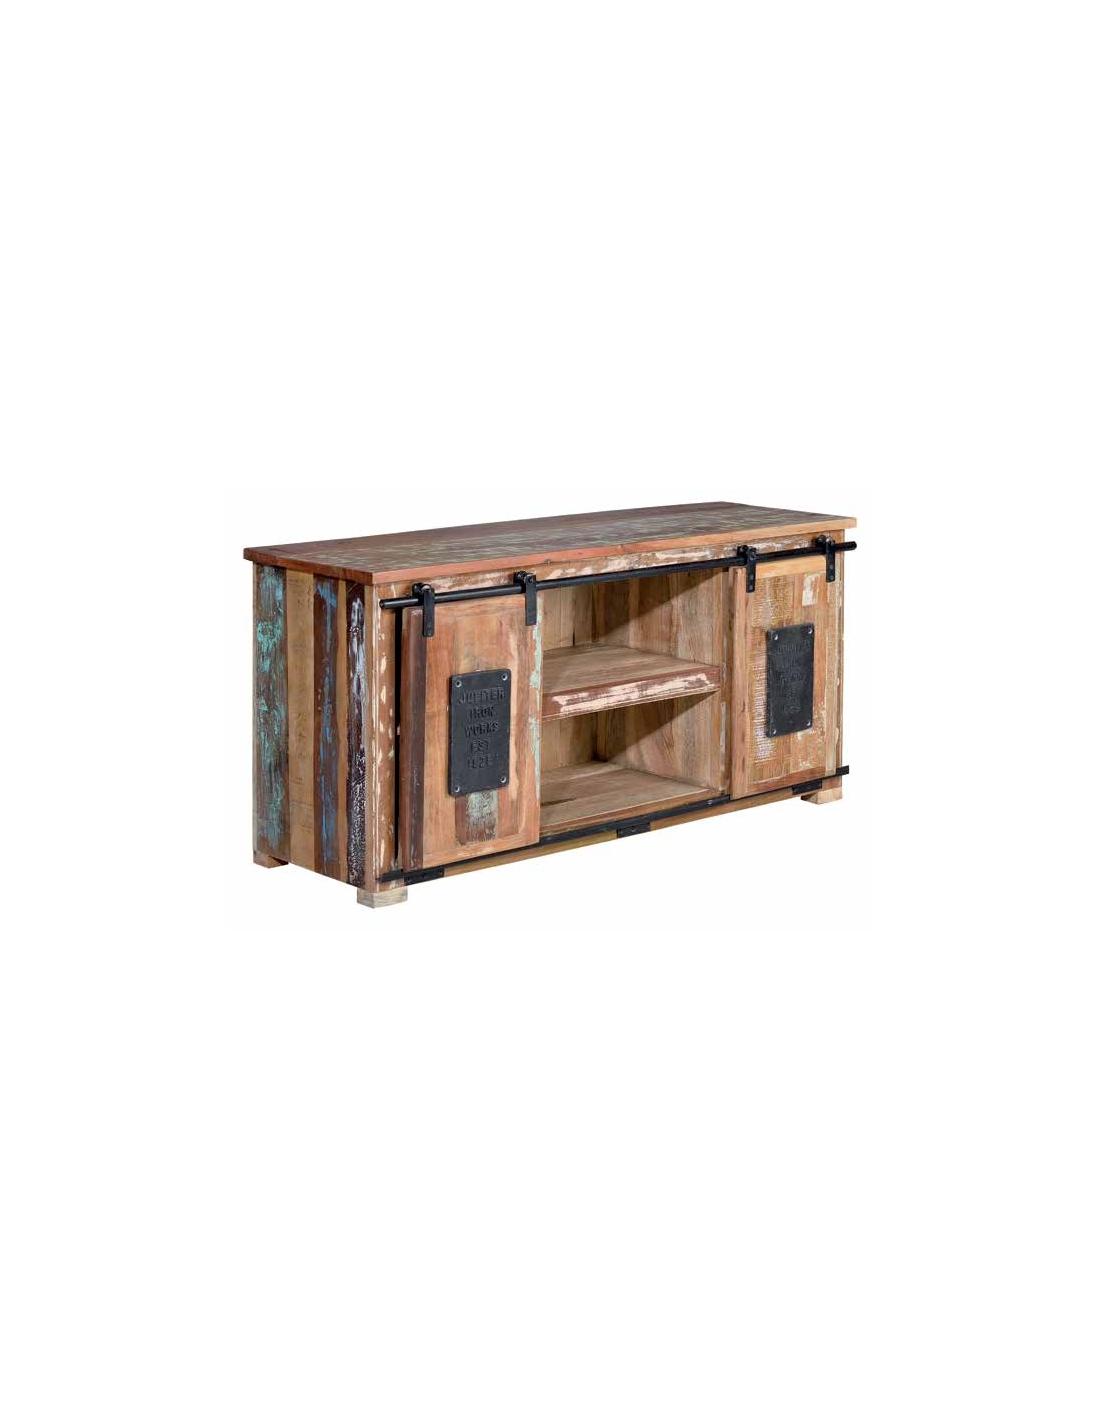 Comprar mueble vintage madera reciclada baldas y puertas for Diseno de muebles con madera reciclada